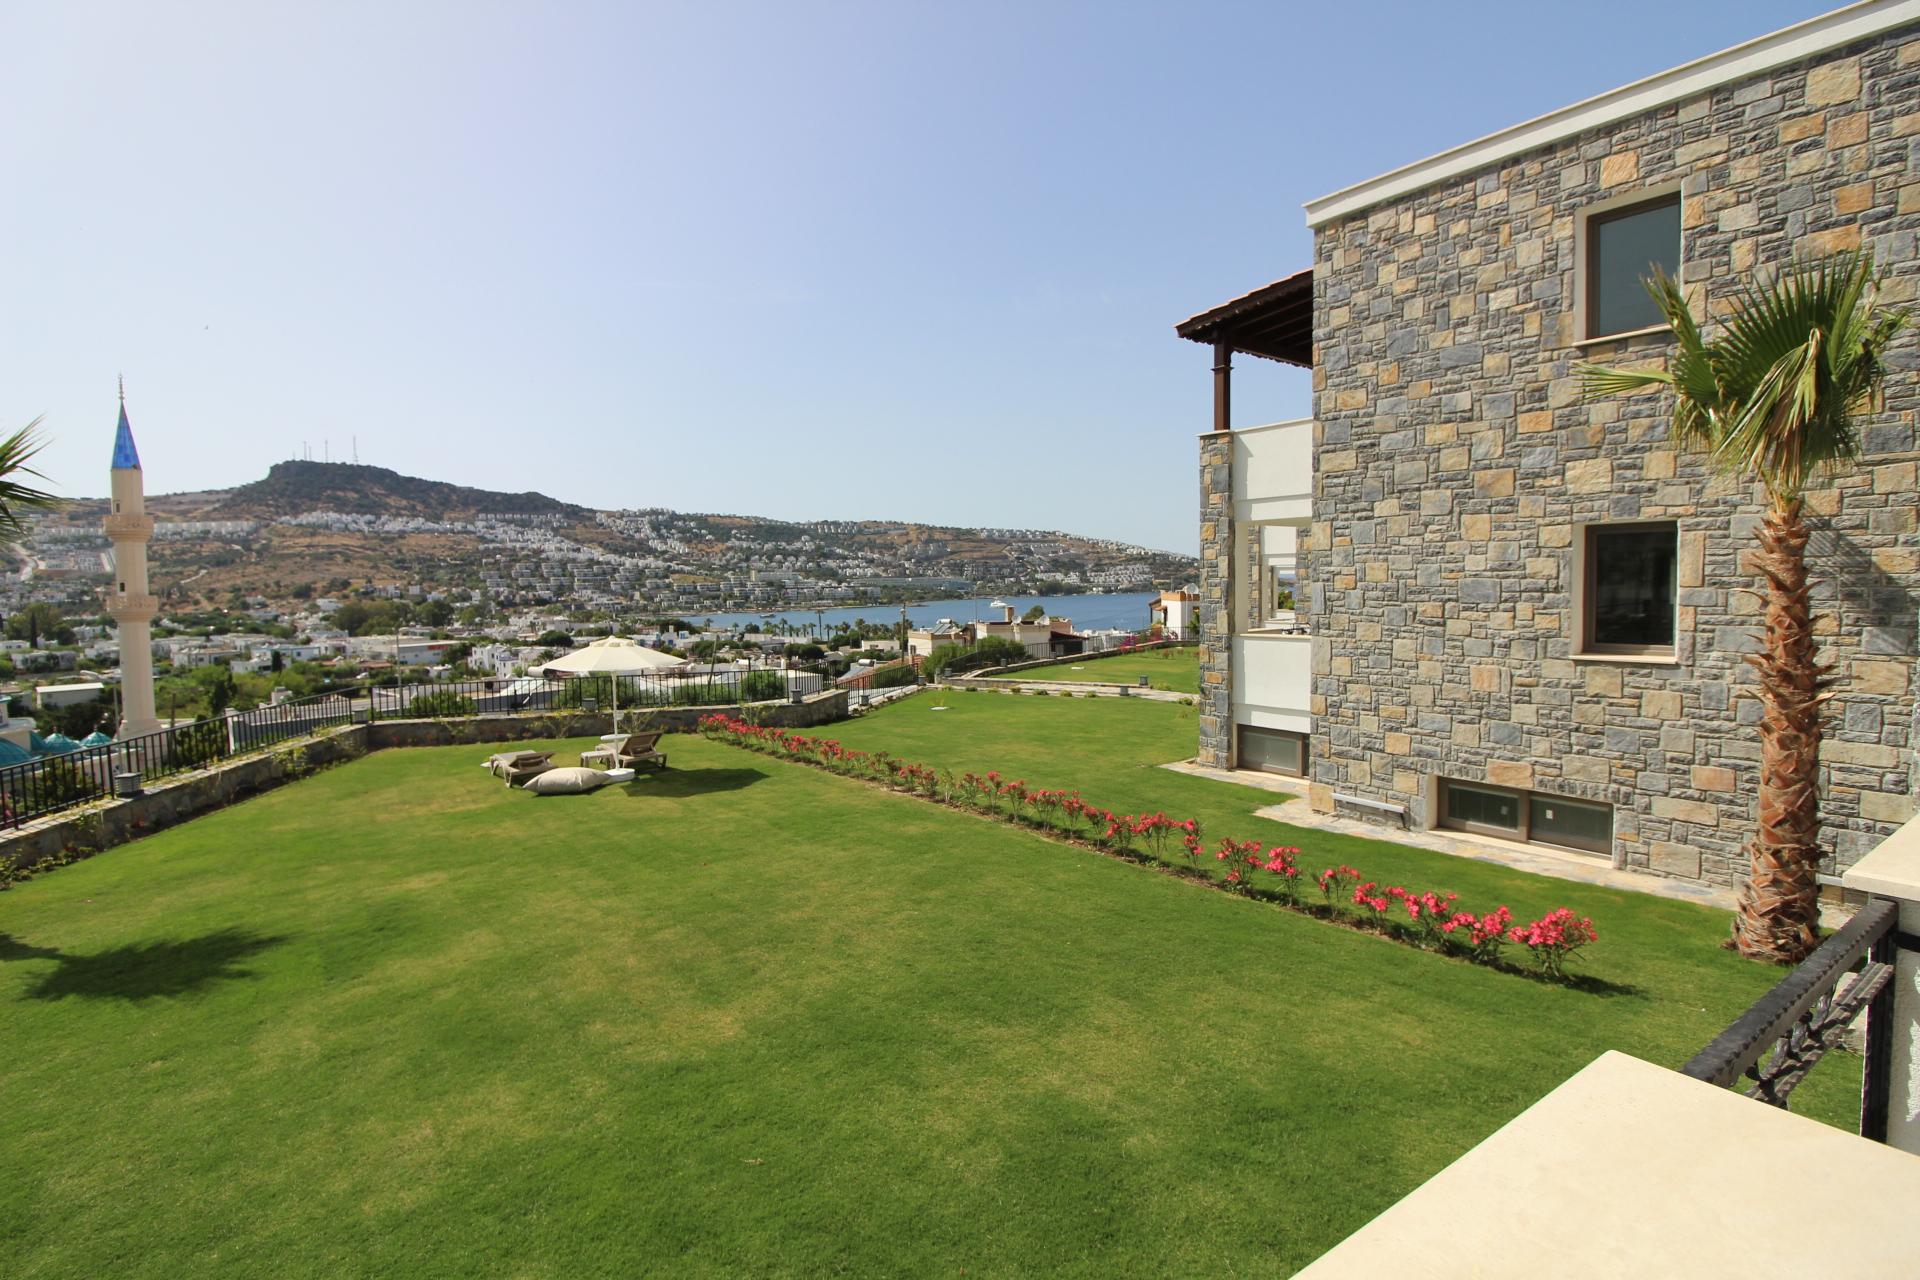 Gündoğan Merkezde Satılık Müstakil Villa